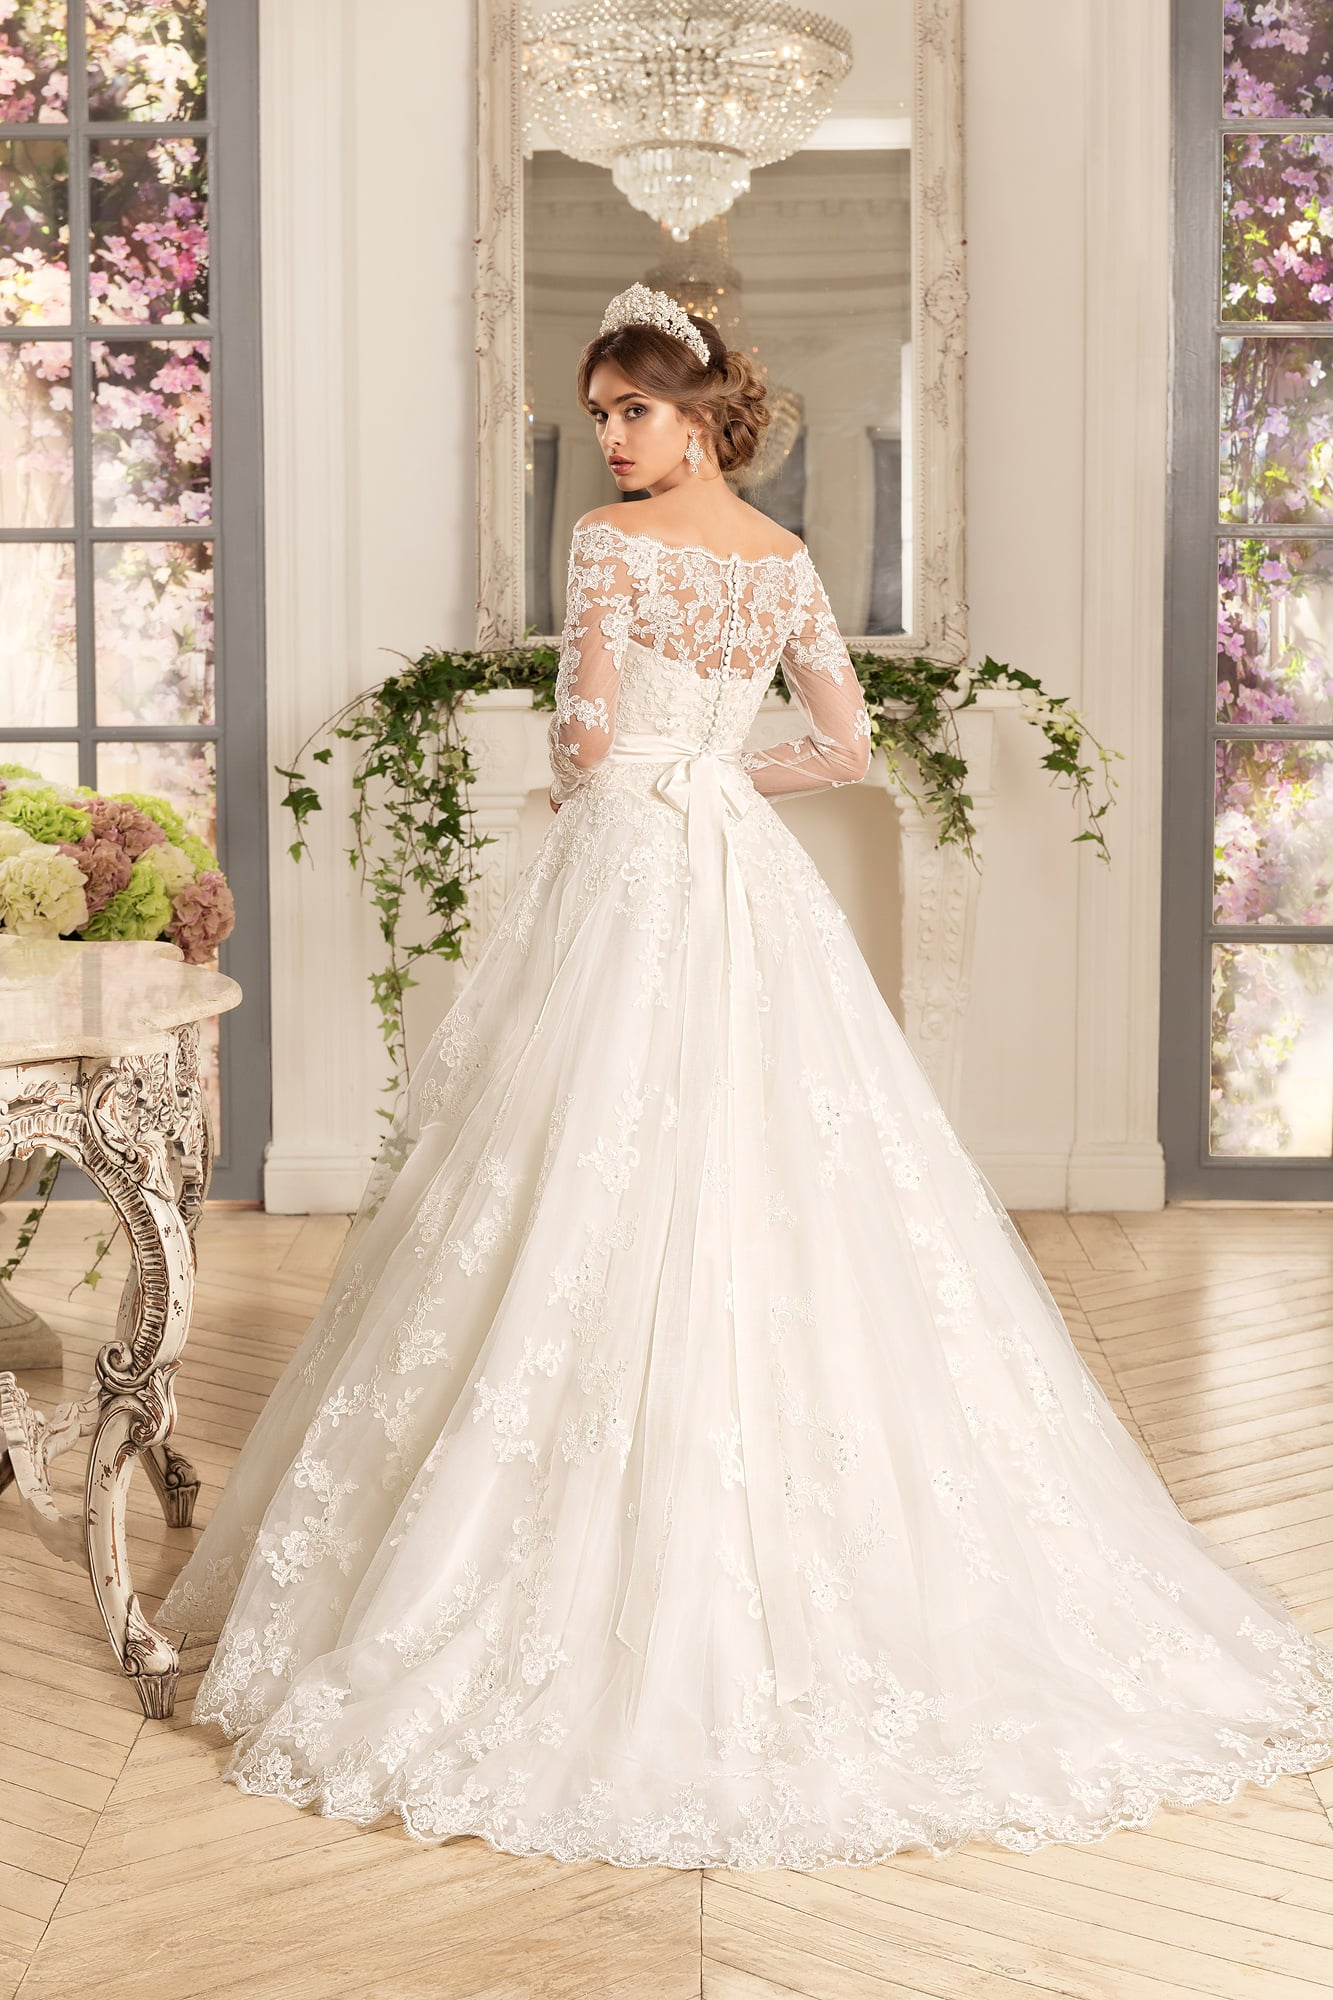 8d6a57879 Свадебное платье «принцесса» с кружевным портретным декольте и широким  поясом.